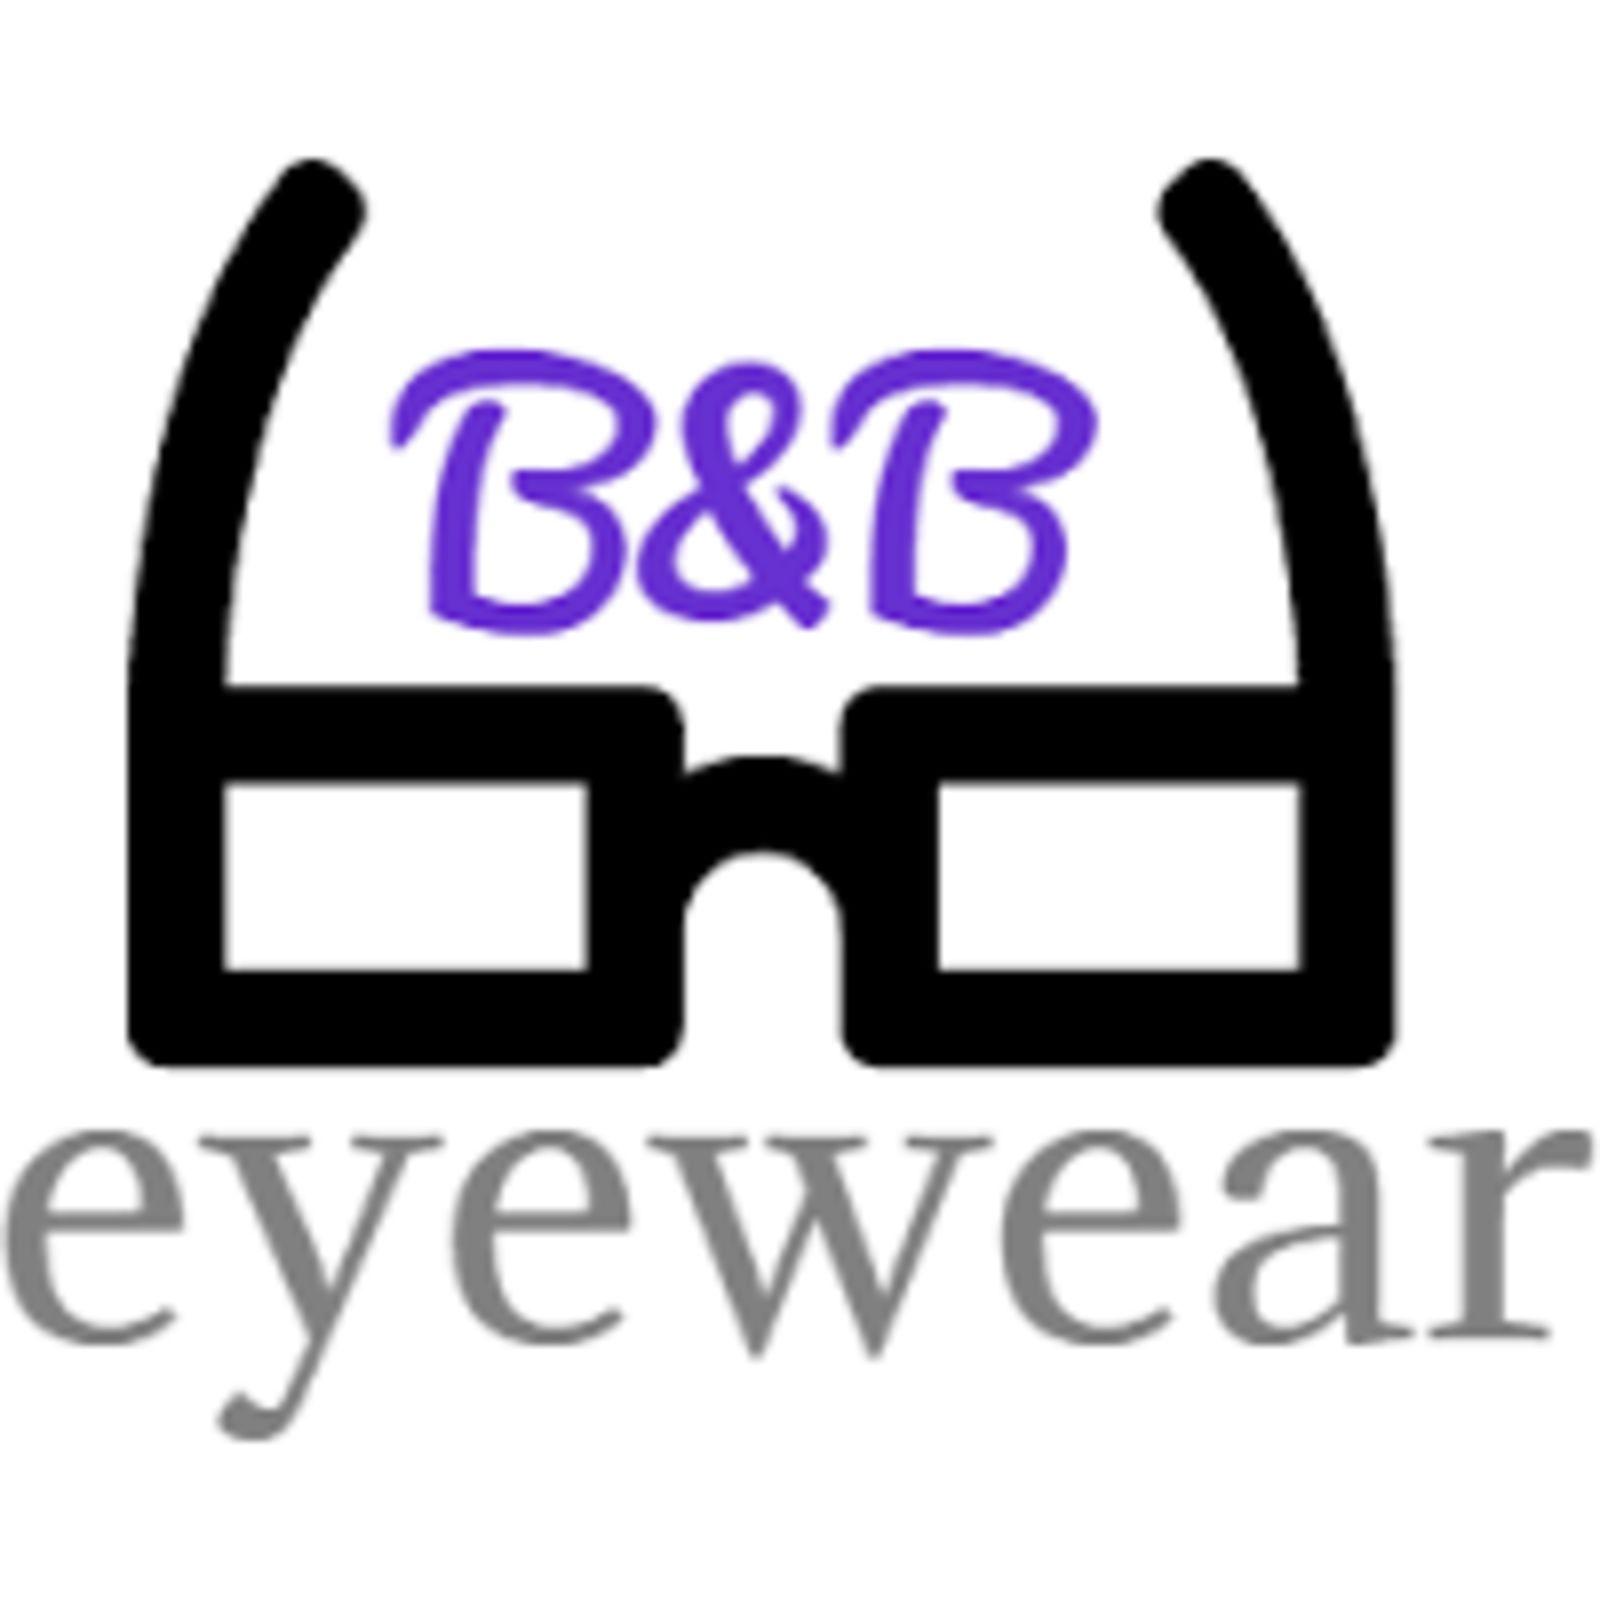 B&B Eyewear